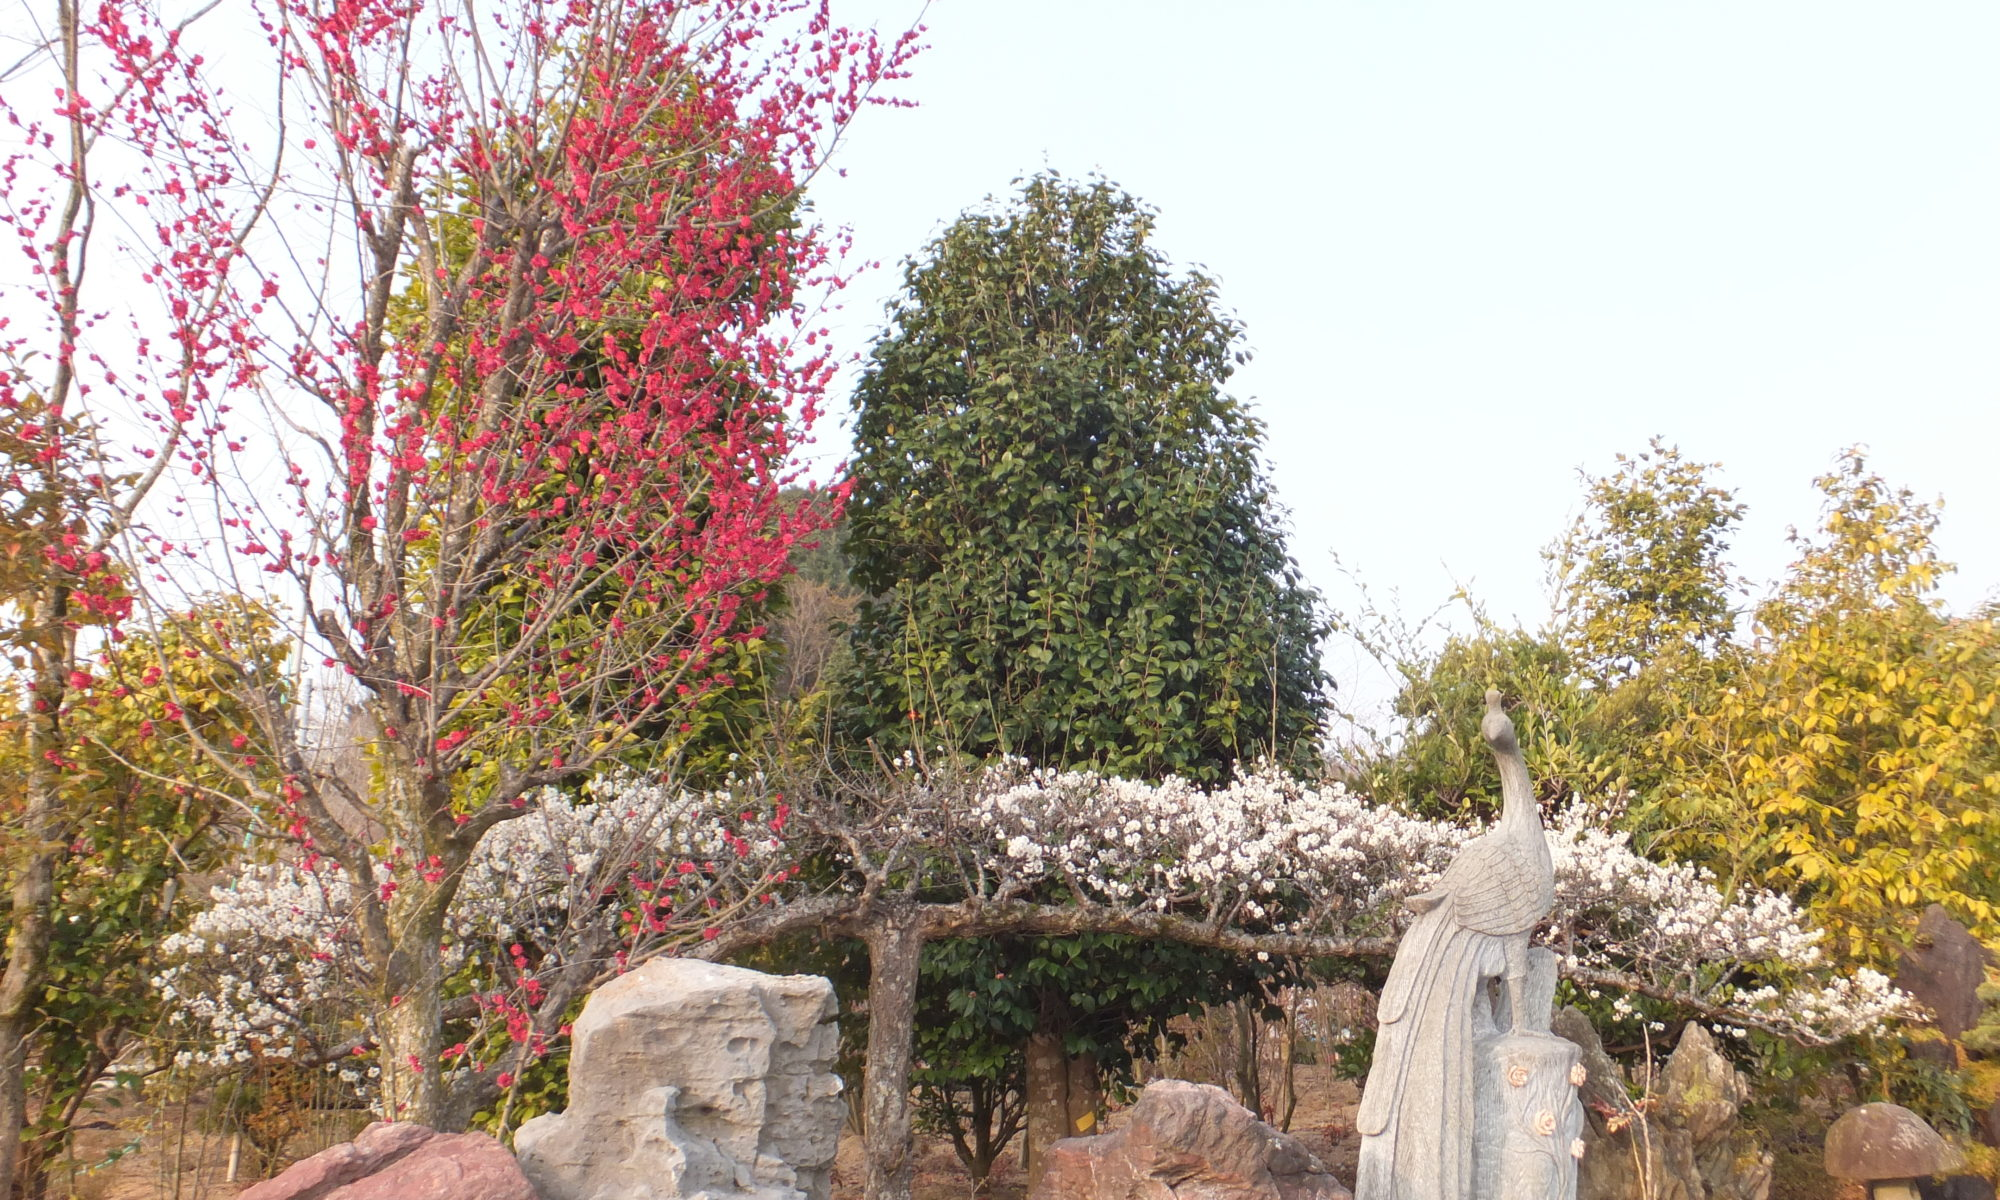 Blog for Kure Gardening Center